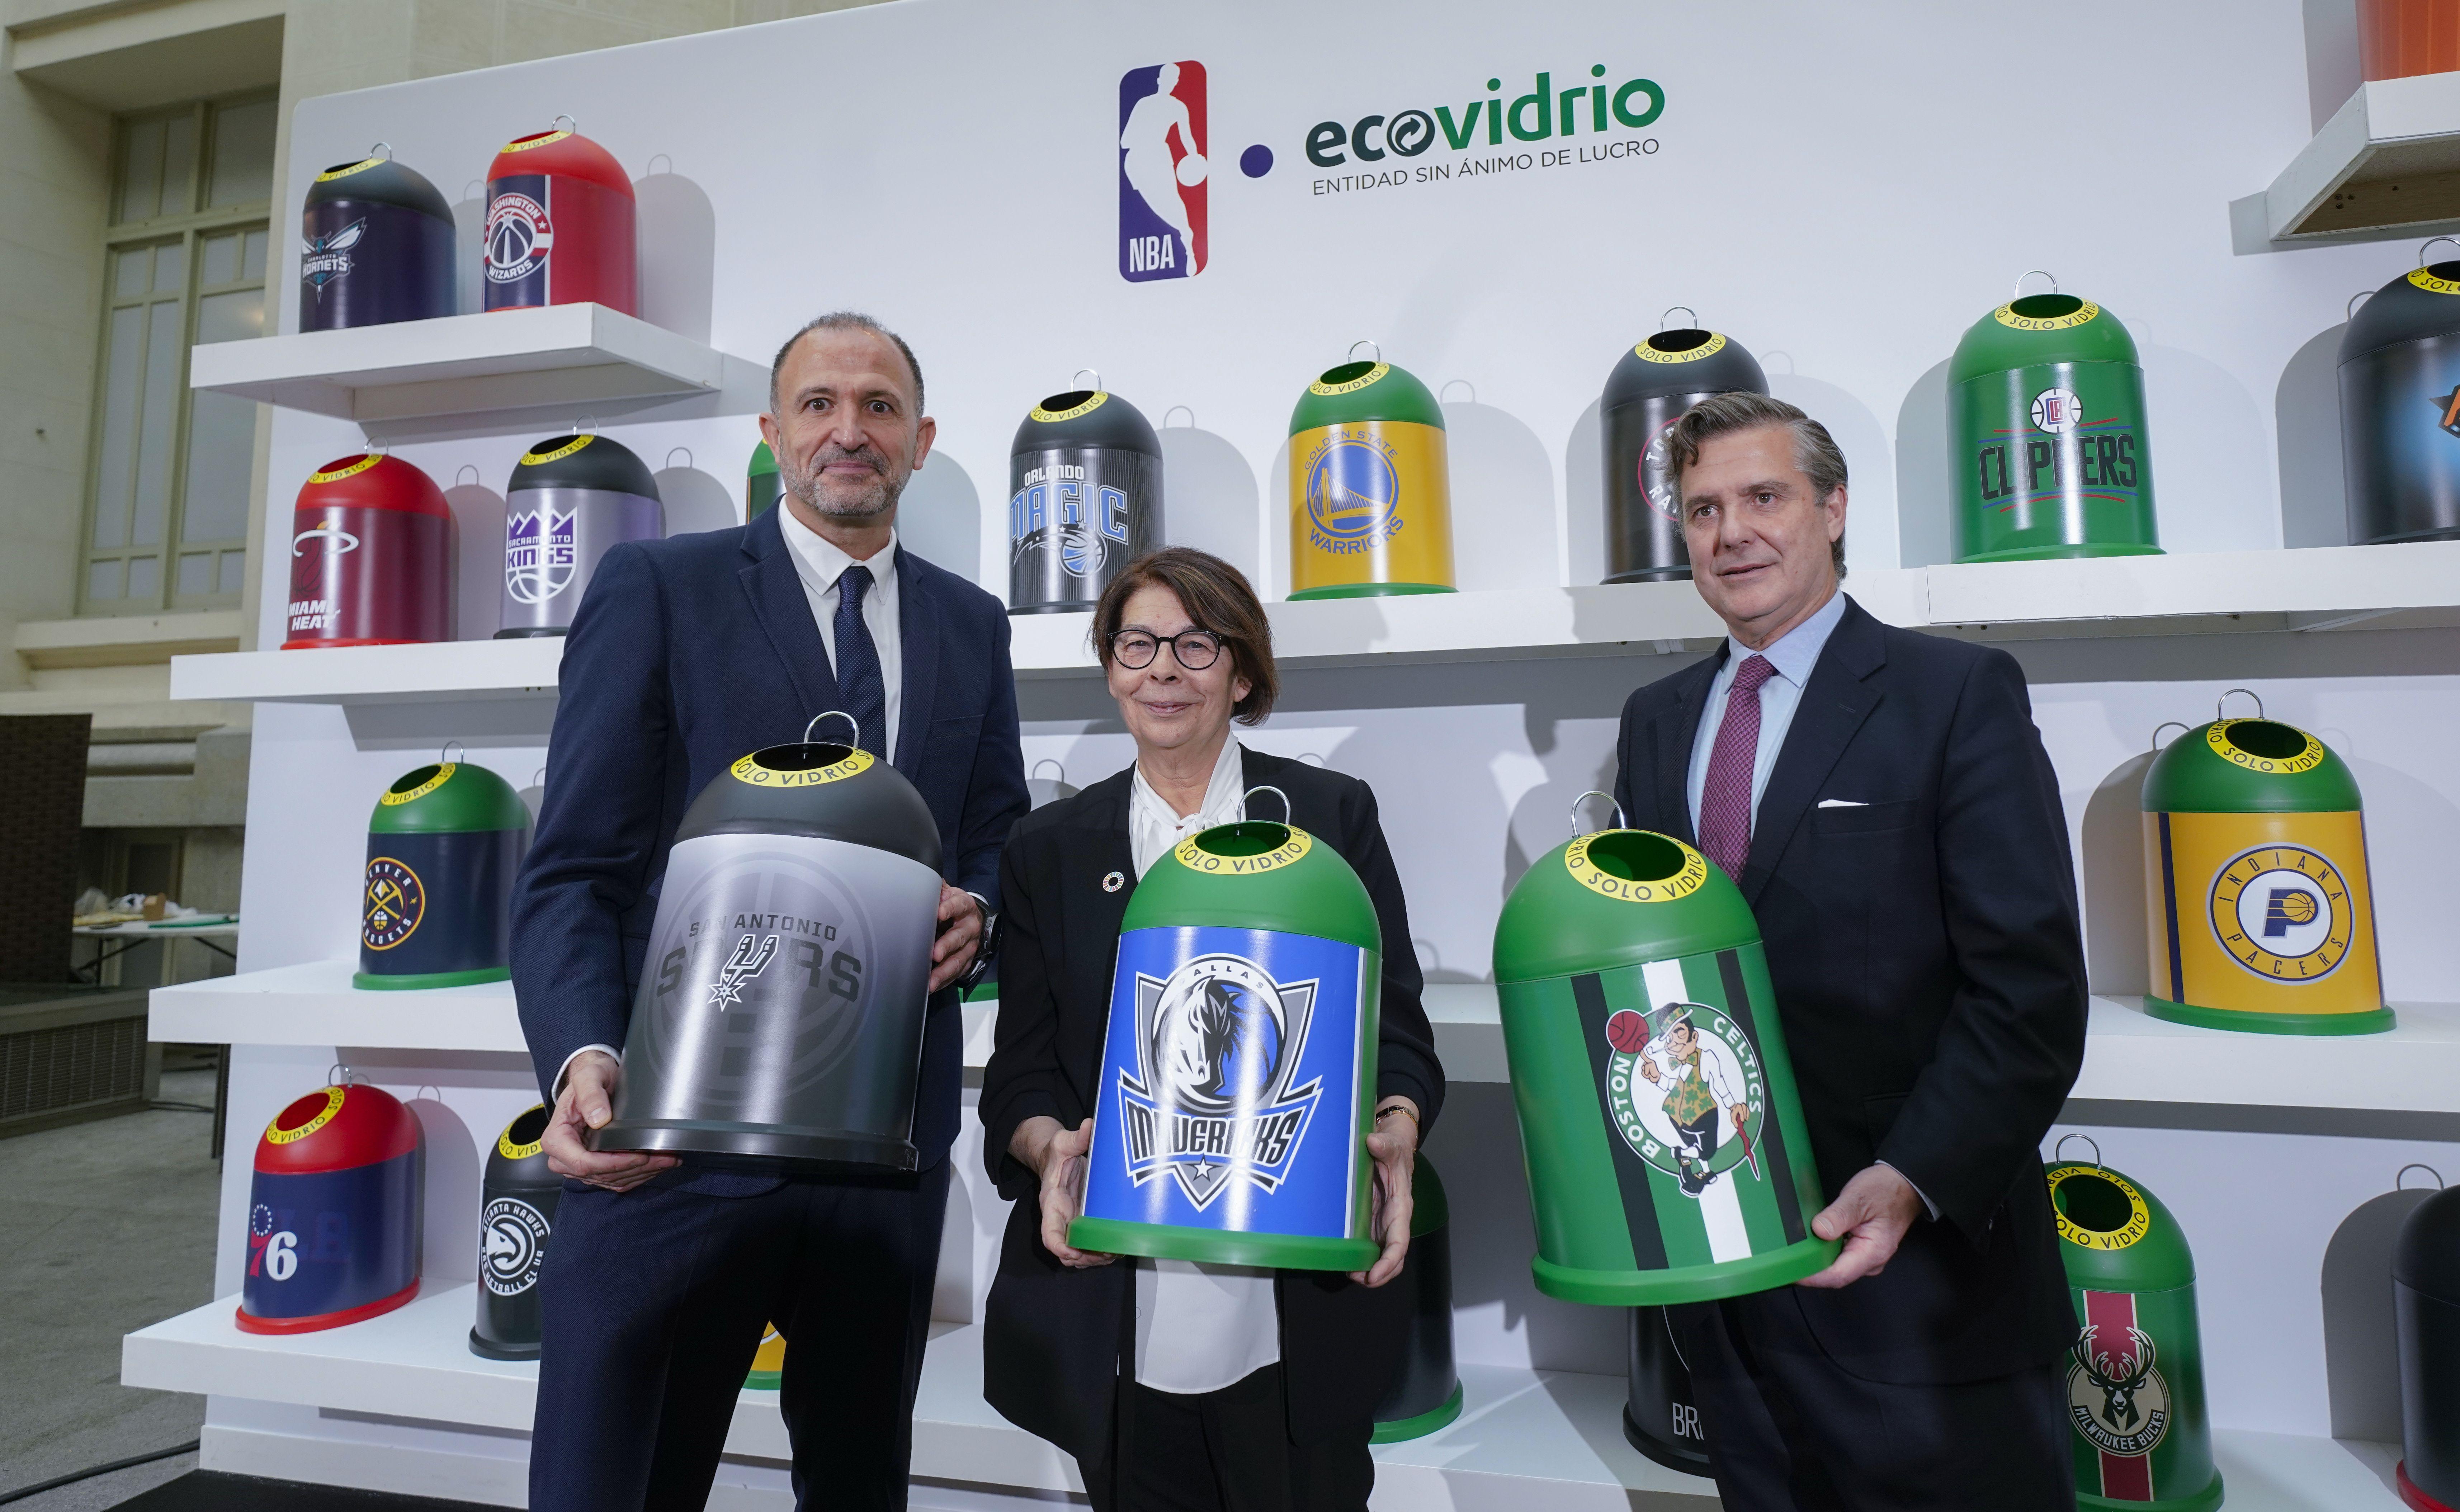 baloncesto ecologico y campaña de concienciación - representantes NBA y Ecovidrio